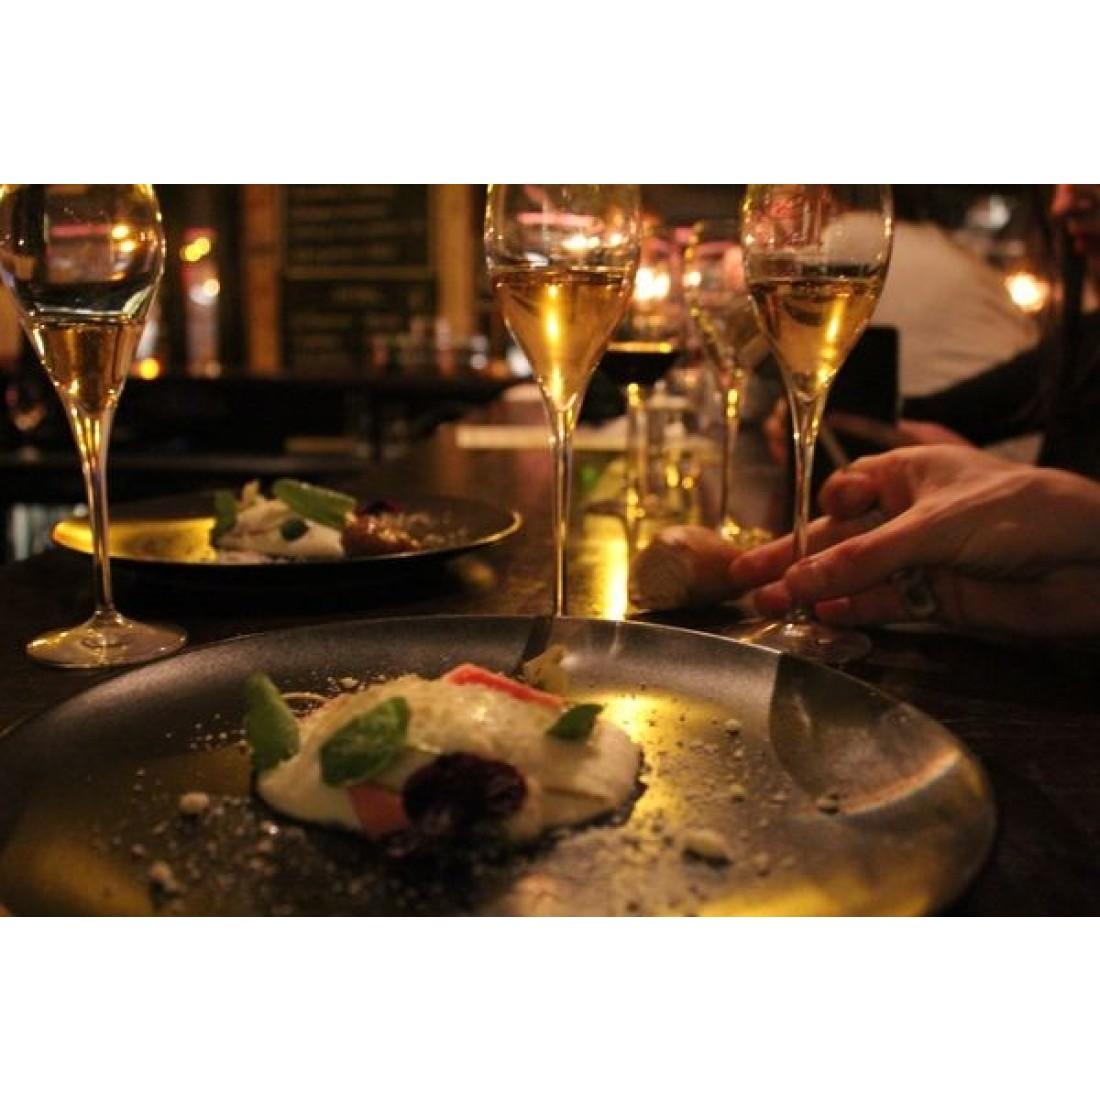 Champagnemiddag på Vesterbro Vinstue Tirsdag den 18 februar kl. 18.30-31